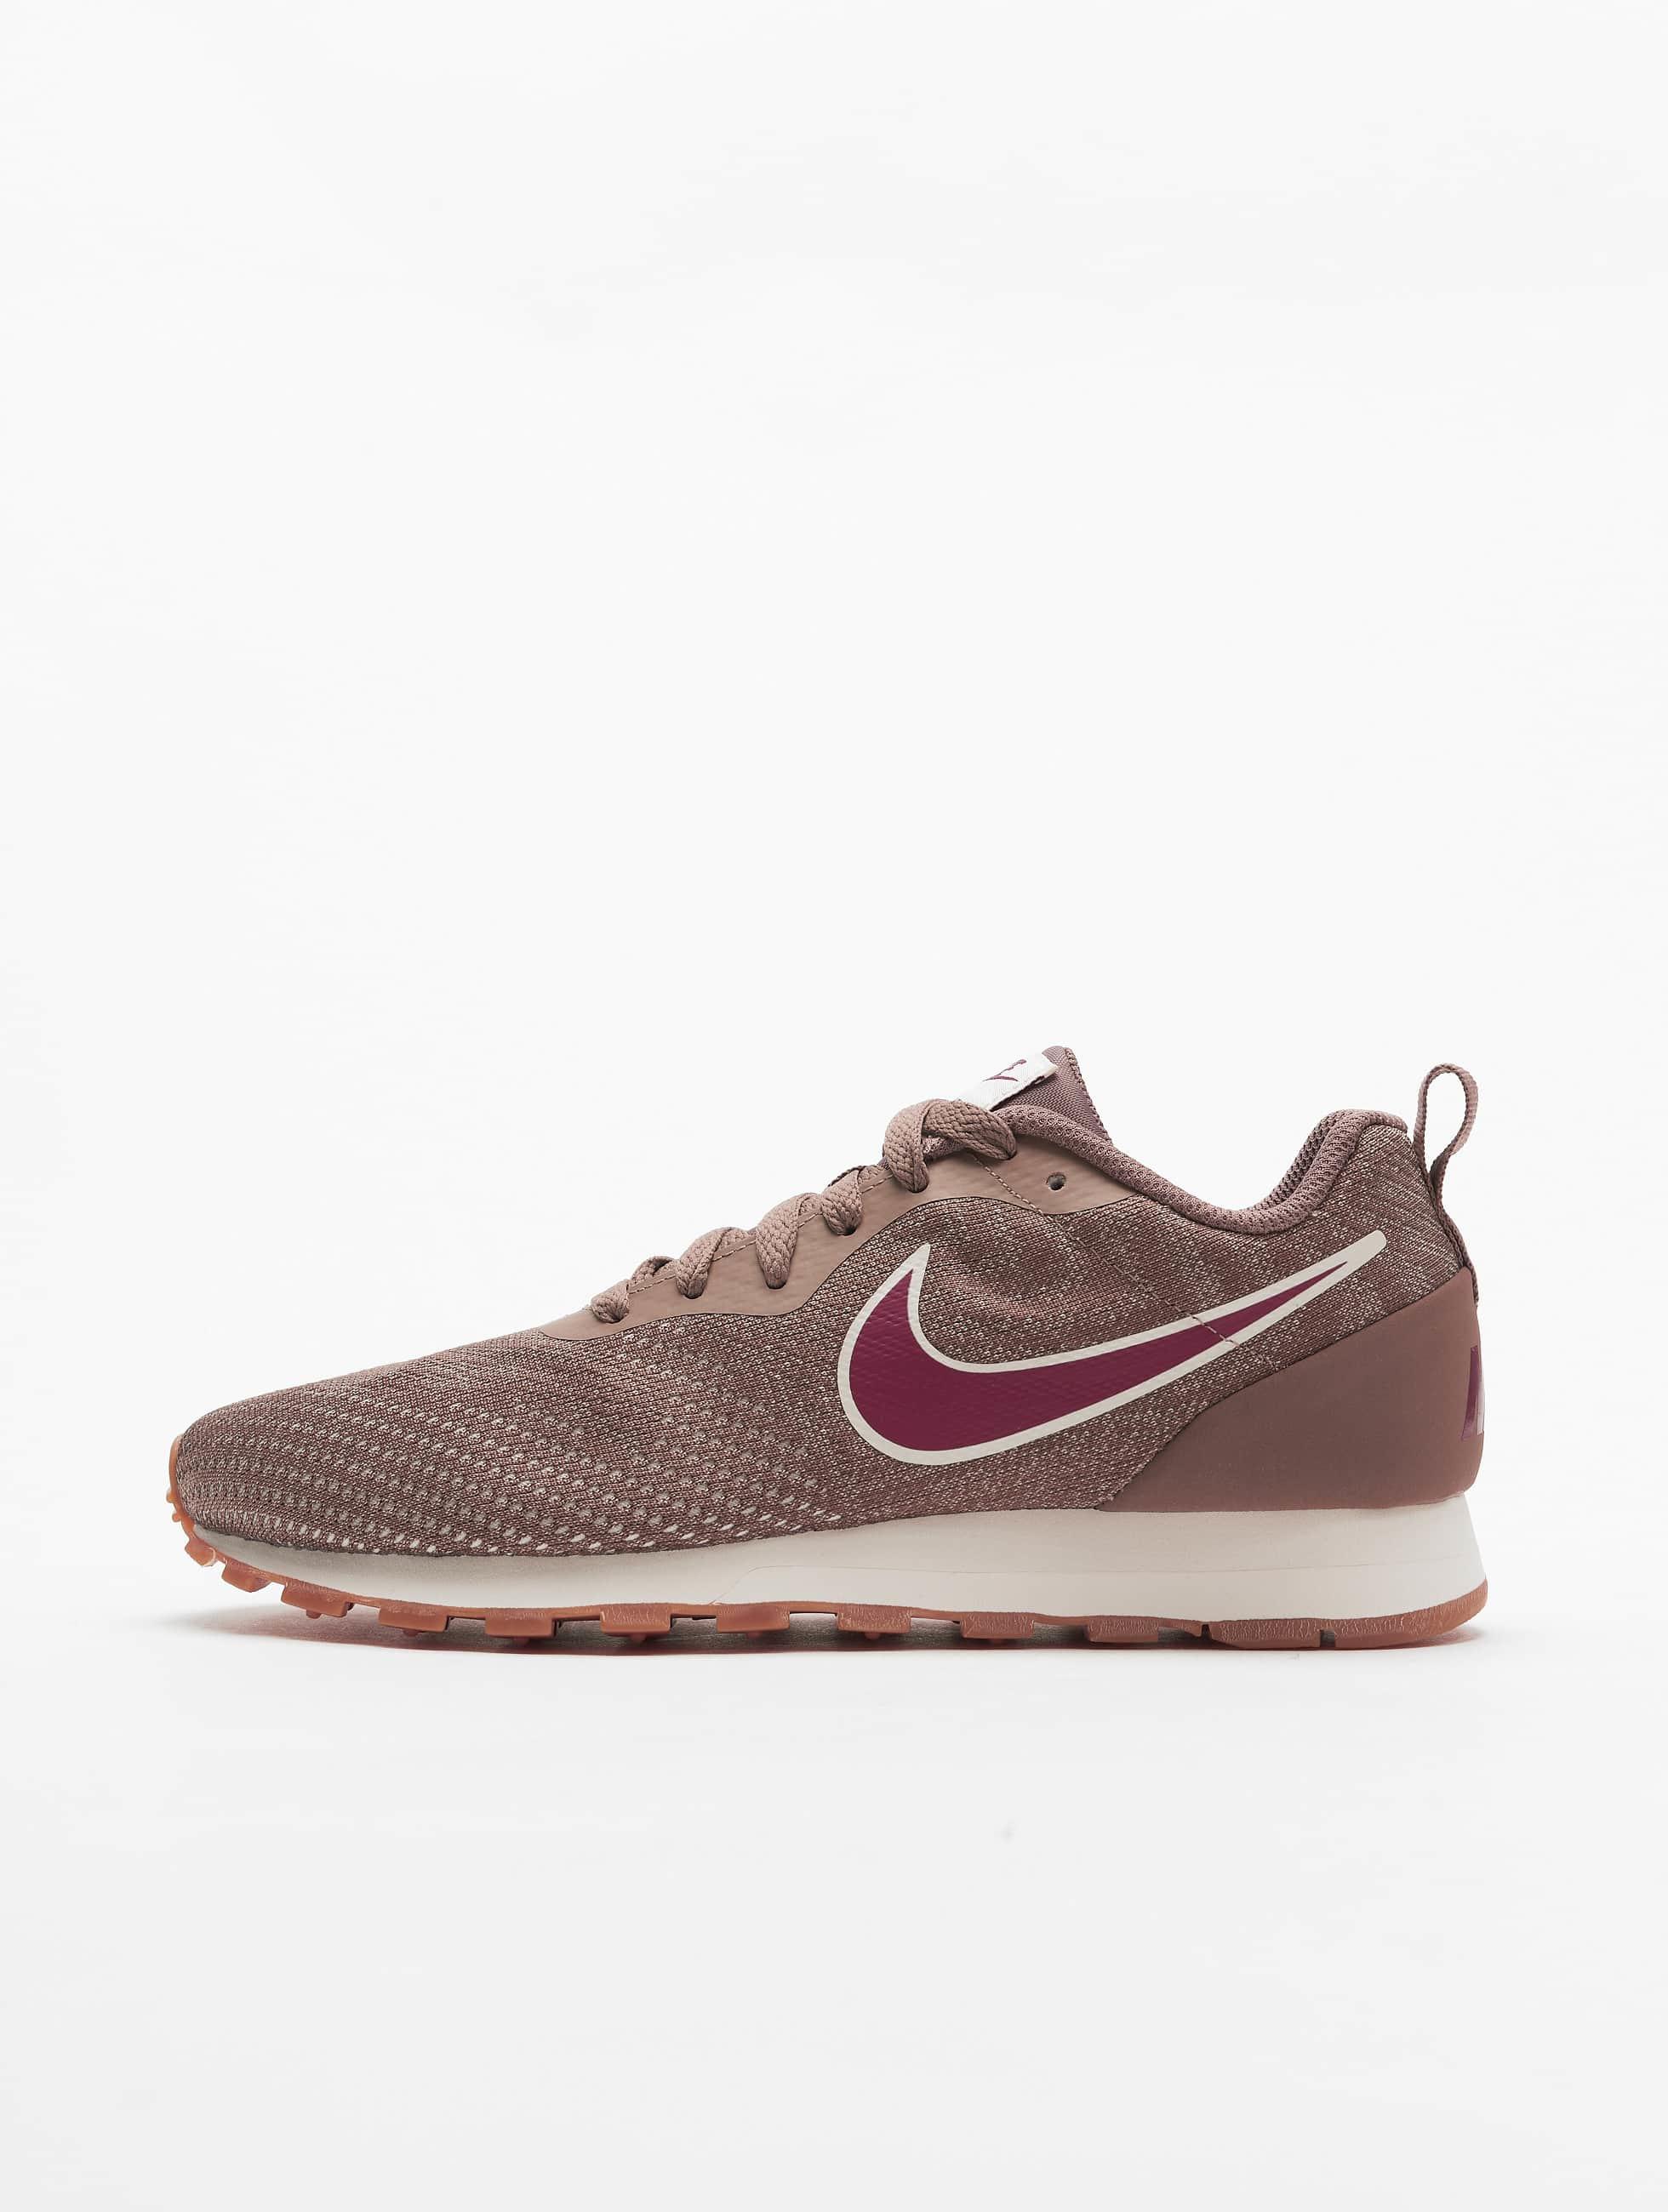 online store 316da 4d91b Nike Skor   Sneakers Mid Runner 2 ENG Mesh i brun 467825